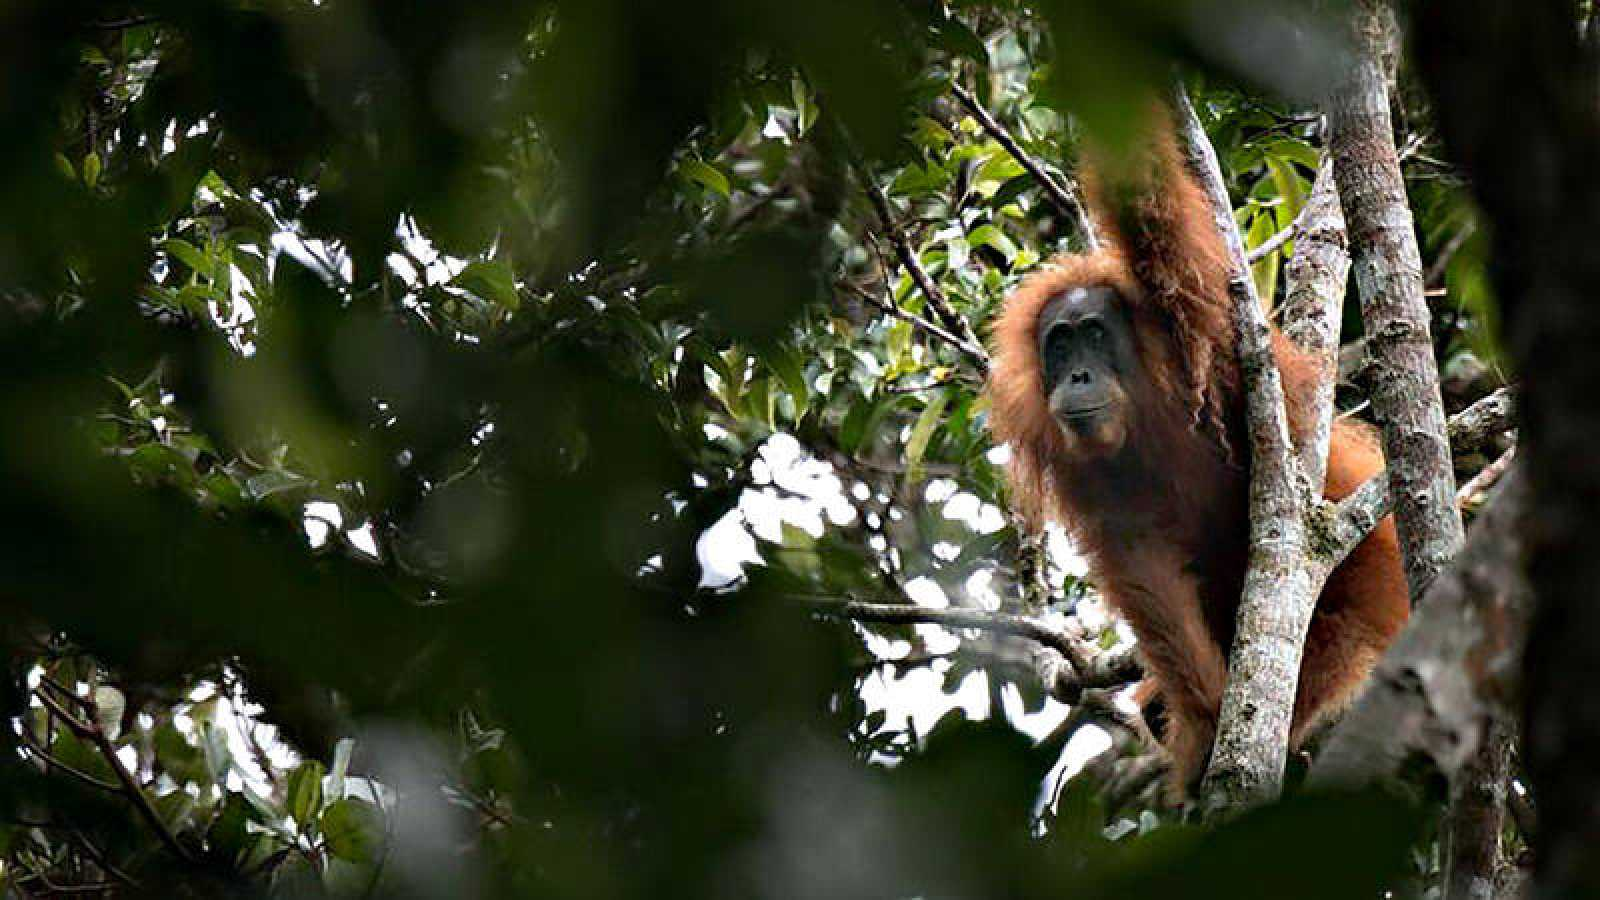 Un orangután de Tapanuli, la nueva especie descubierta en la isla de Sumatra